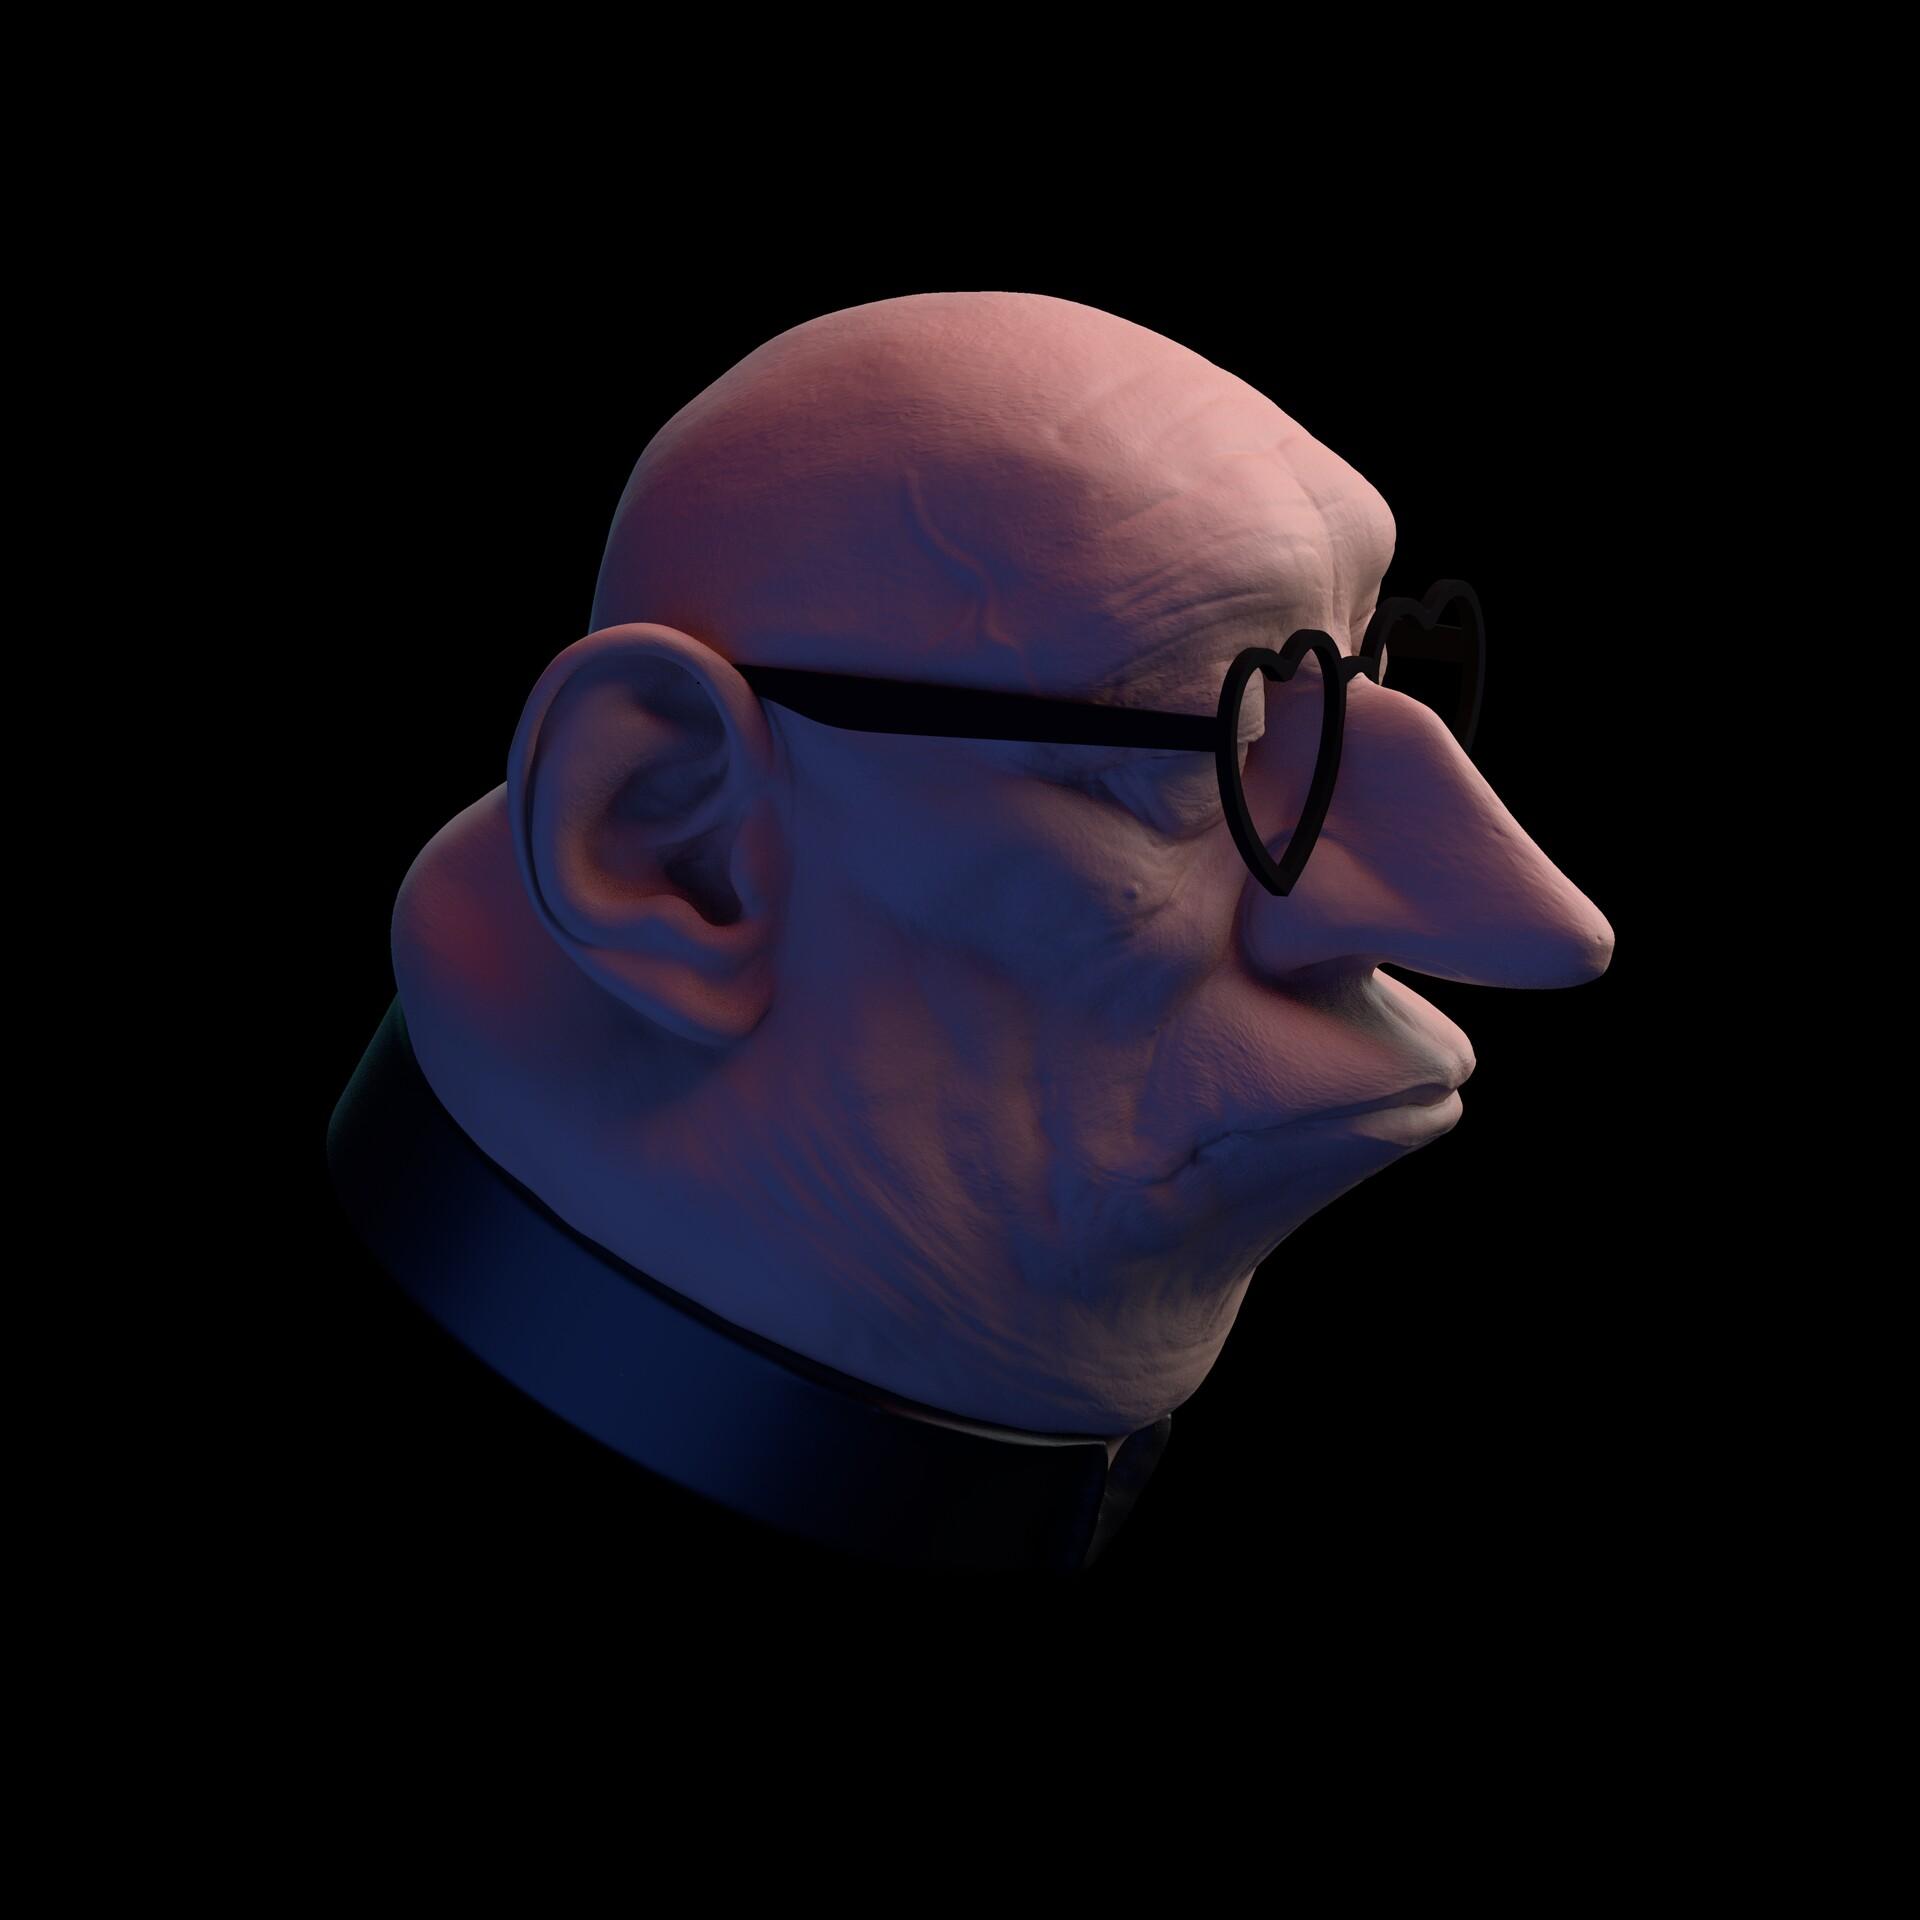 Pierre benjamin terghdhh